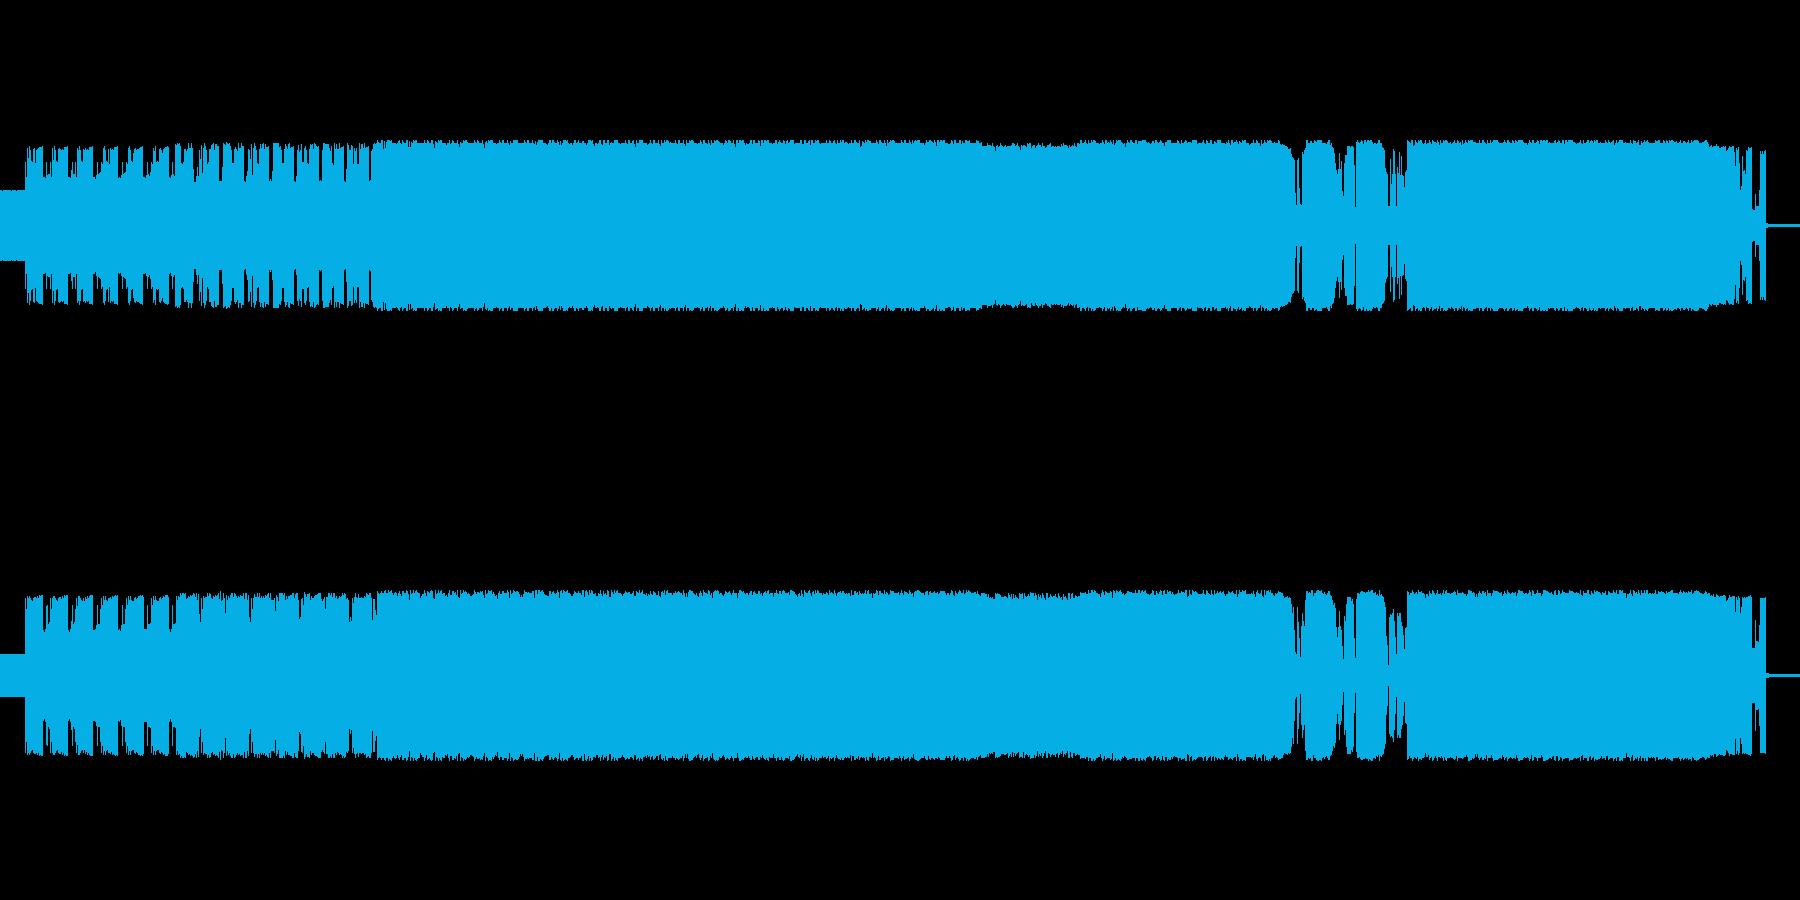 歪んだ音のエレクトロミュージックの再生済みの波形